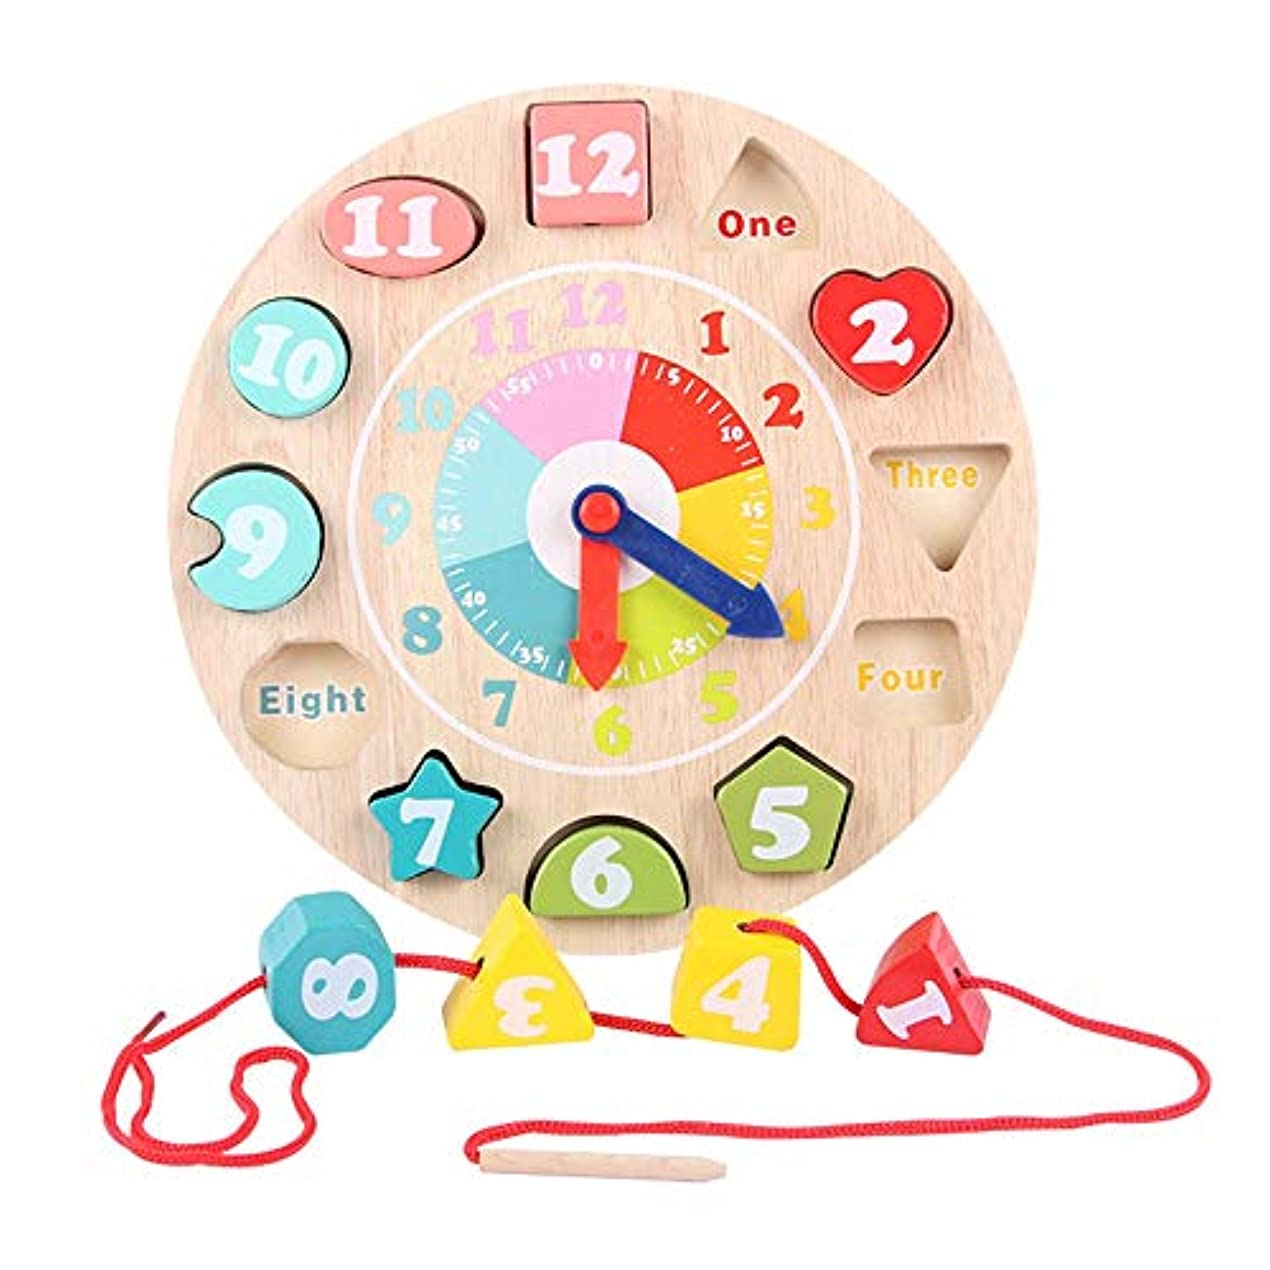 せっかち実用的モーテル積み木玩具 子供のための大規模なレーシングビーズセット、ビーズストリンギング幼児のための教育弦の張りソート時計 積み木 (色 : Multi-colored, Size : 23.5x23.5cm)